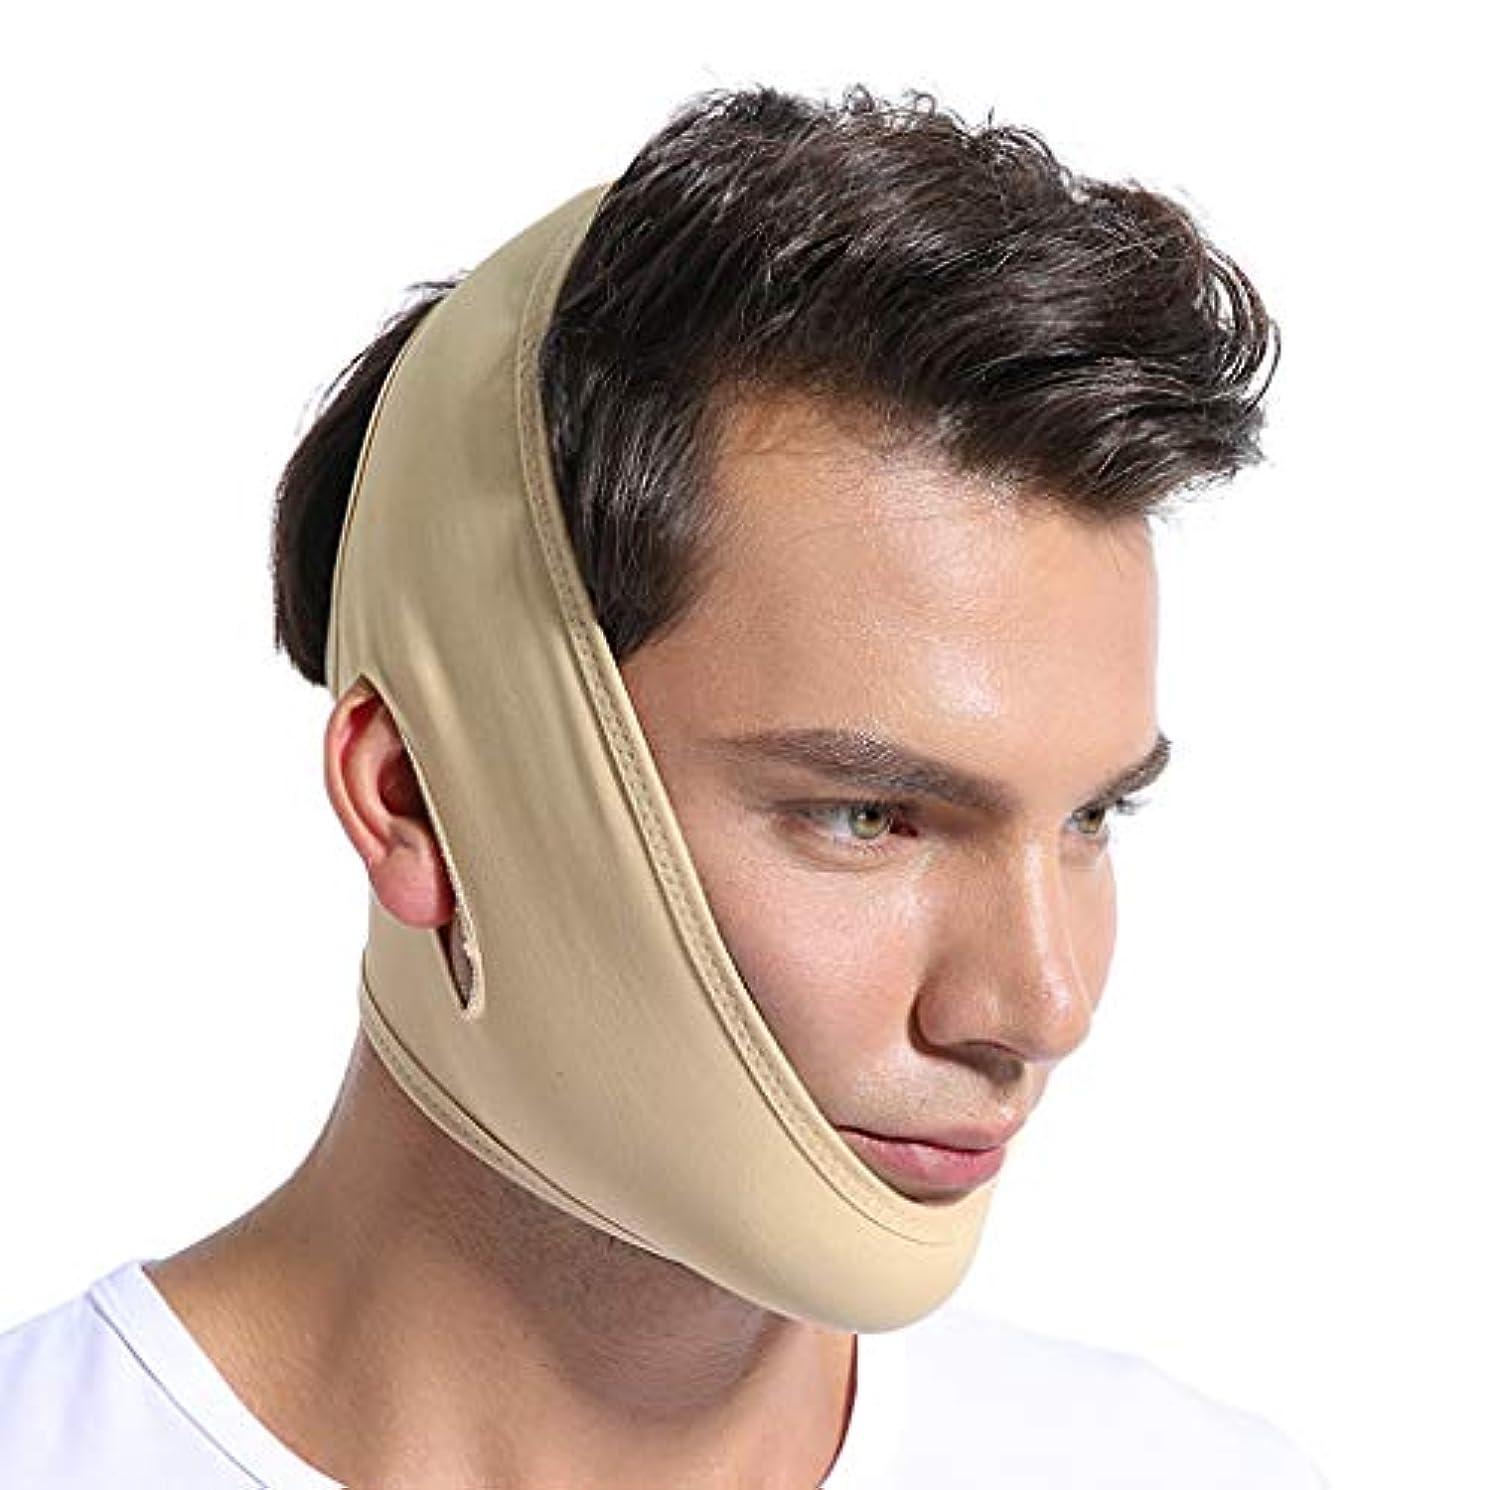 医療ワイヤは、回復回復マスクは、同じ段落を揺るがすネット赤の男性と女性の顔の包帯 v 顔薄い顔アーティファクトを彫る